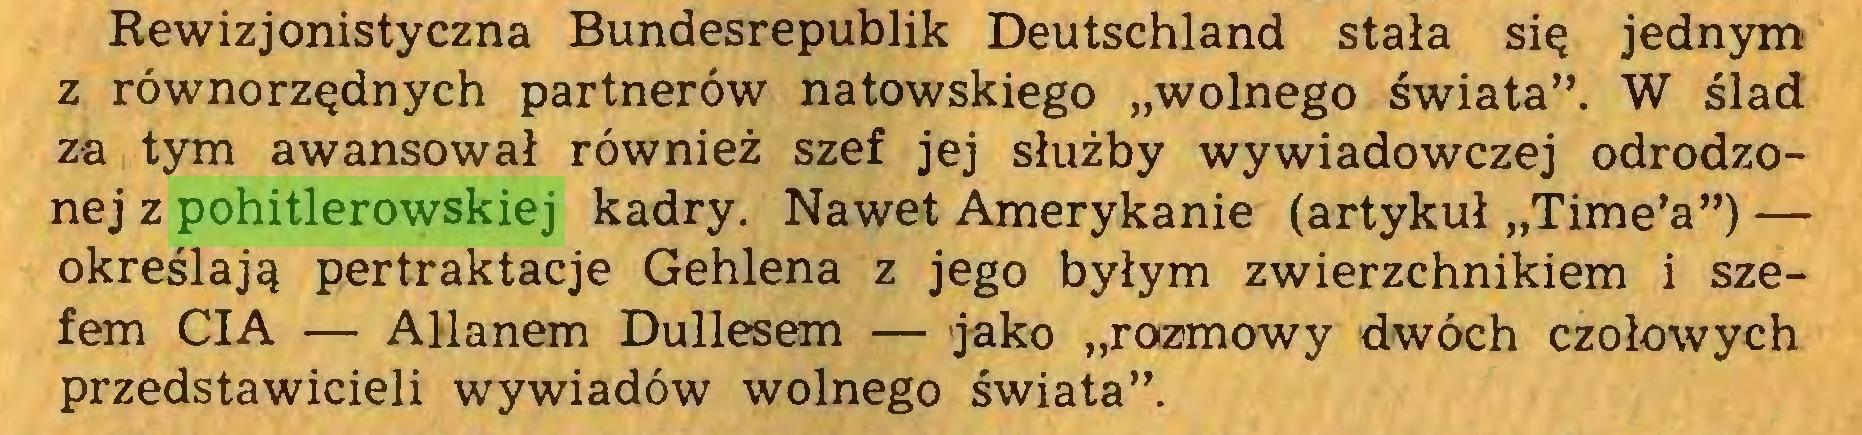 """(...) Rewizjonistyczna Bundesrepublik Deutschland stała się jednym z równorzędnych partnerów natowskiego """"wolnego świata"""". W ślad za tym awansował również szef jej służby wywiadowczej odrodzonej z pohitlerowskiej kadry. Nawet Amerykanie (artykuł """"Time'a"""") — określają pertraktacje Gehlena z jego byłym zwierzchnikiem i szefem CIA — Allanem Dullesem — jako """"rozmowy dwóch czołowych przedstawicieli wywiadów wolnego świata""""..."""